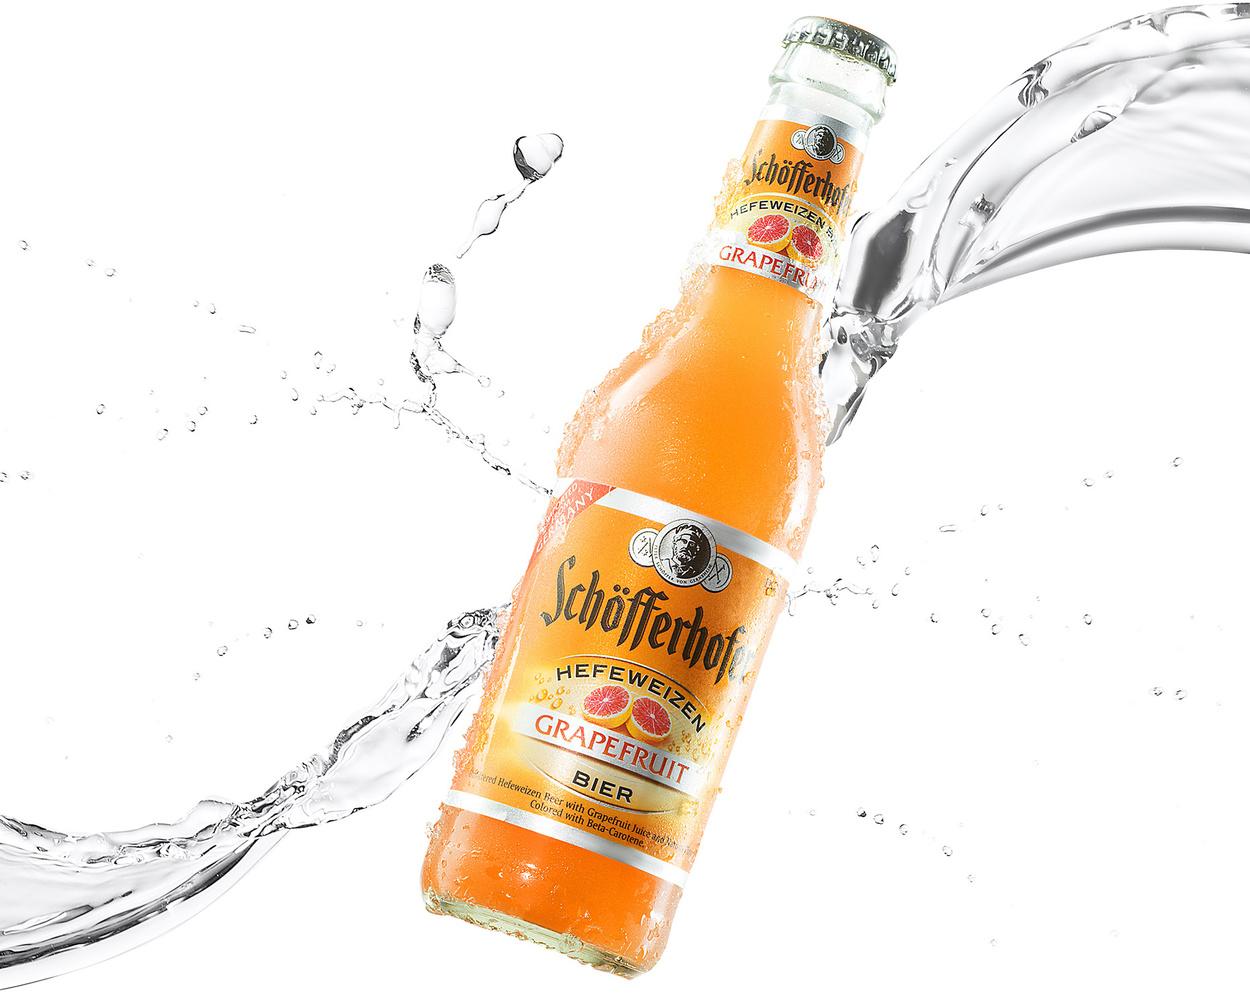 Beverage and splash by Yechiel Orgel